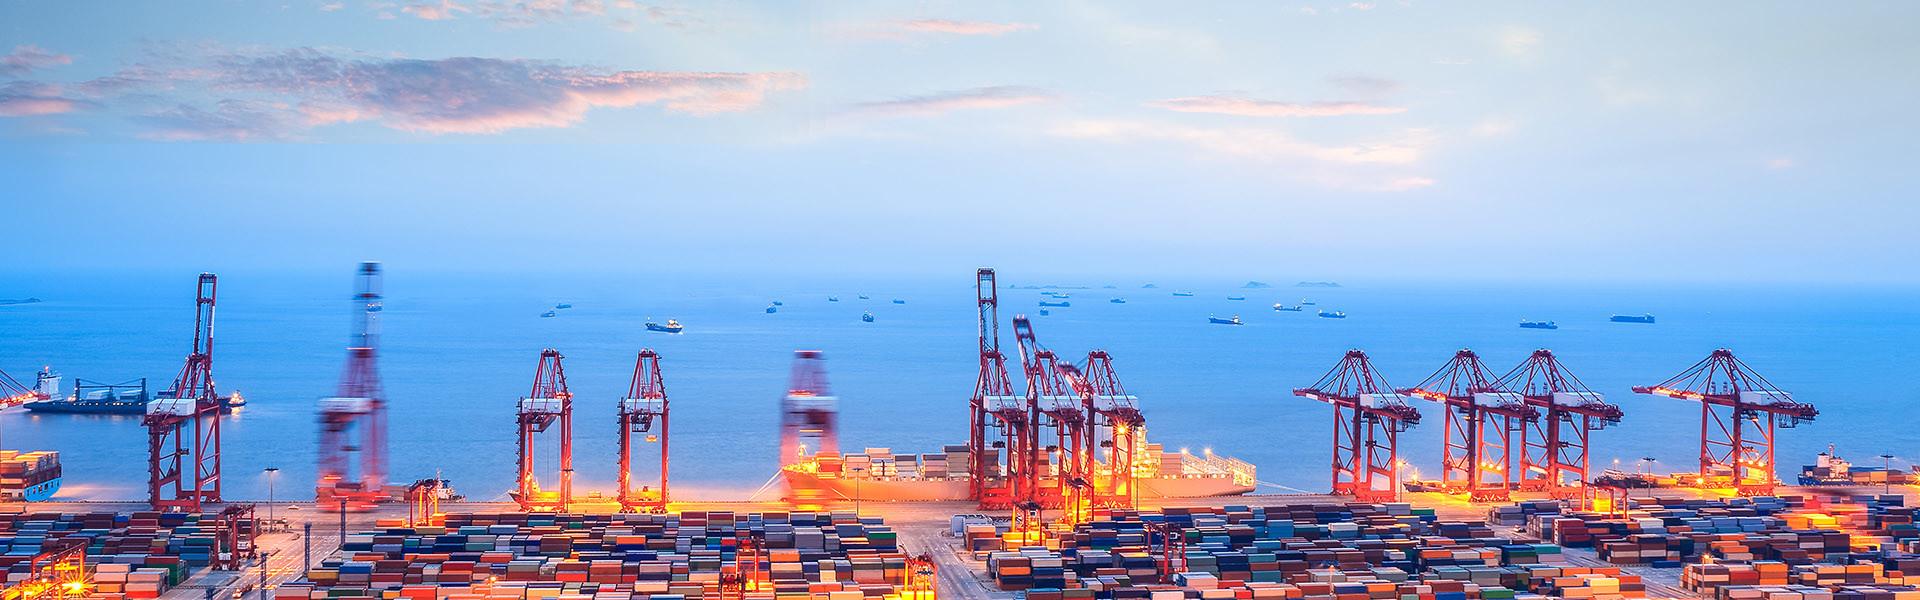 djcargo sea freight